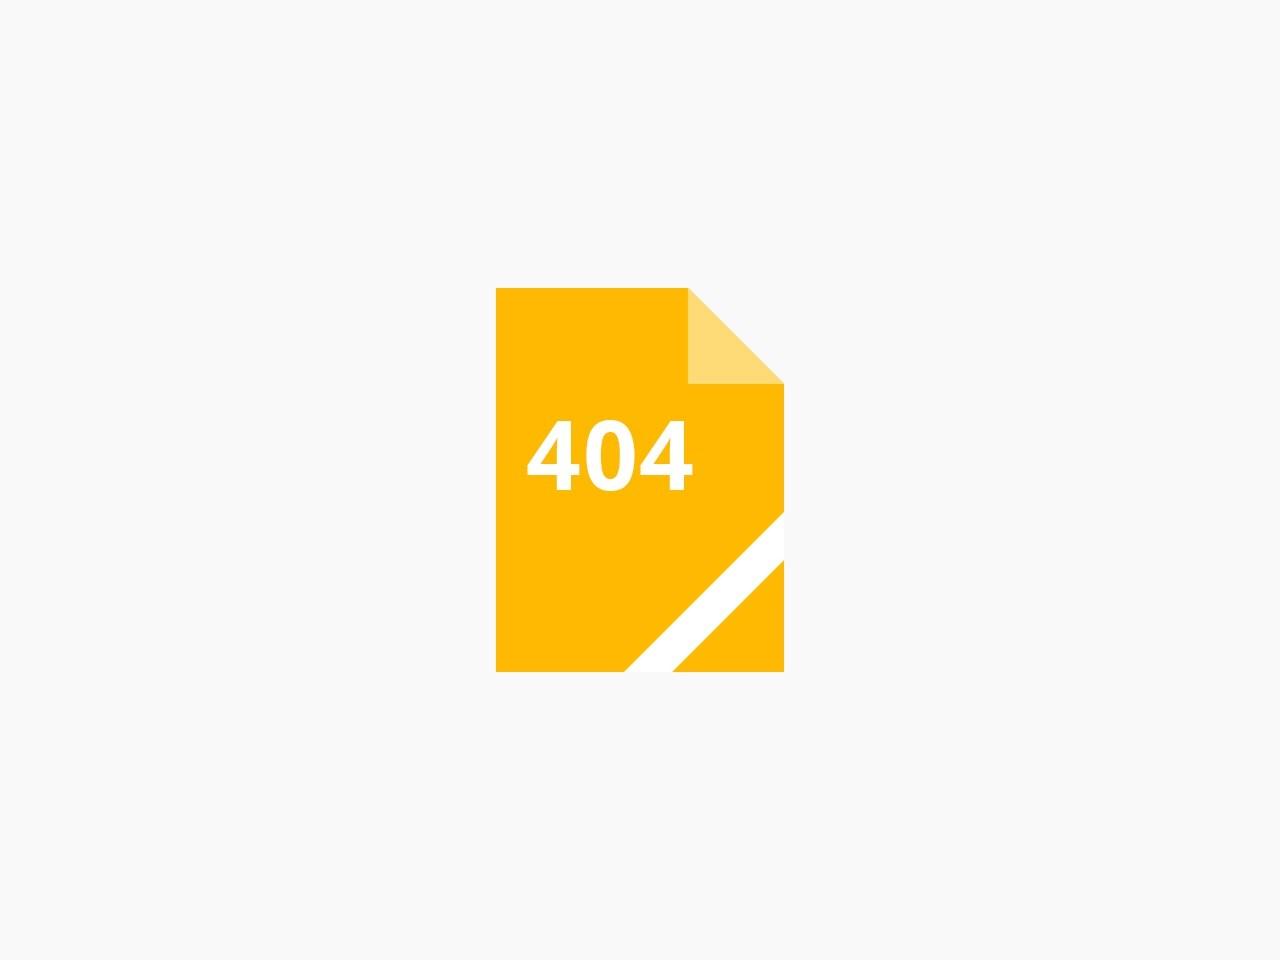 上海恒丰物流有限公司,上海物流园,上海物流公司,上海货运公司